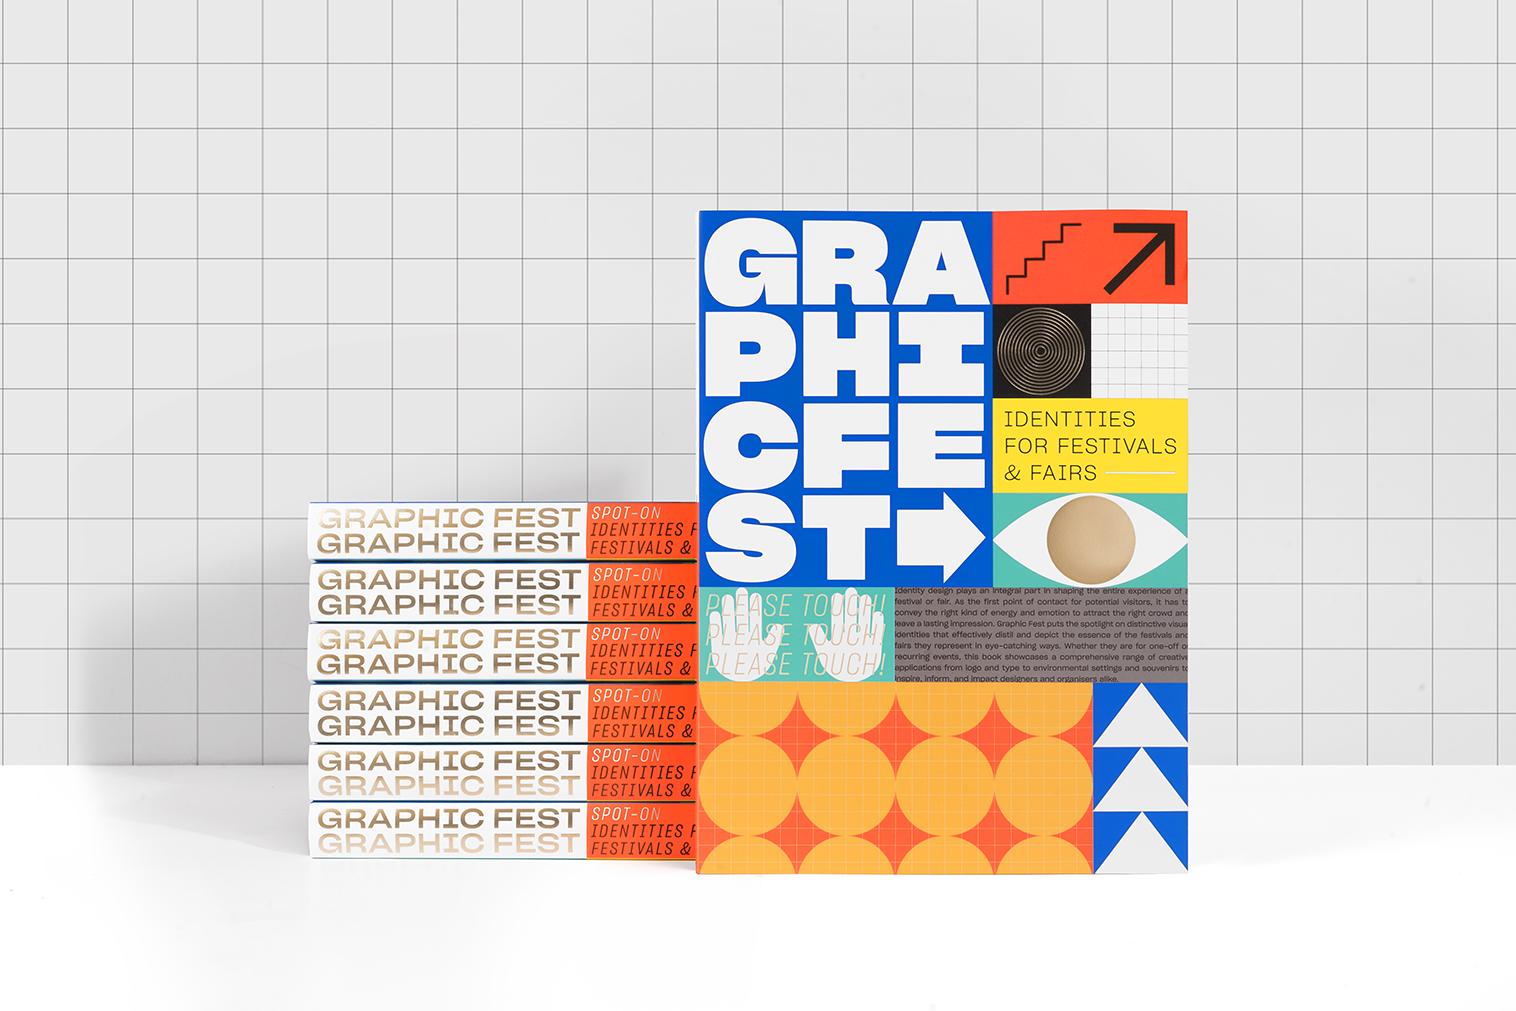 graphic-fest_c_03.png